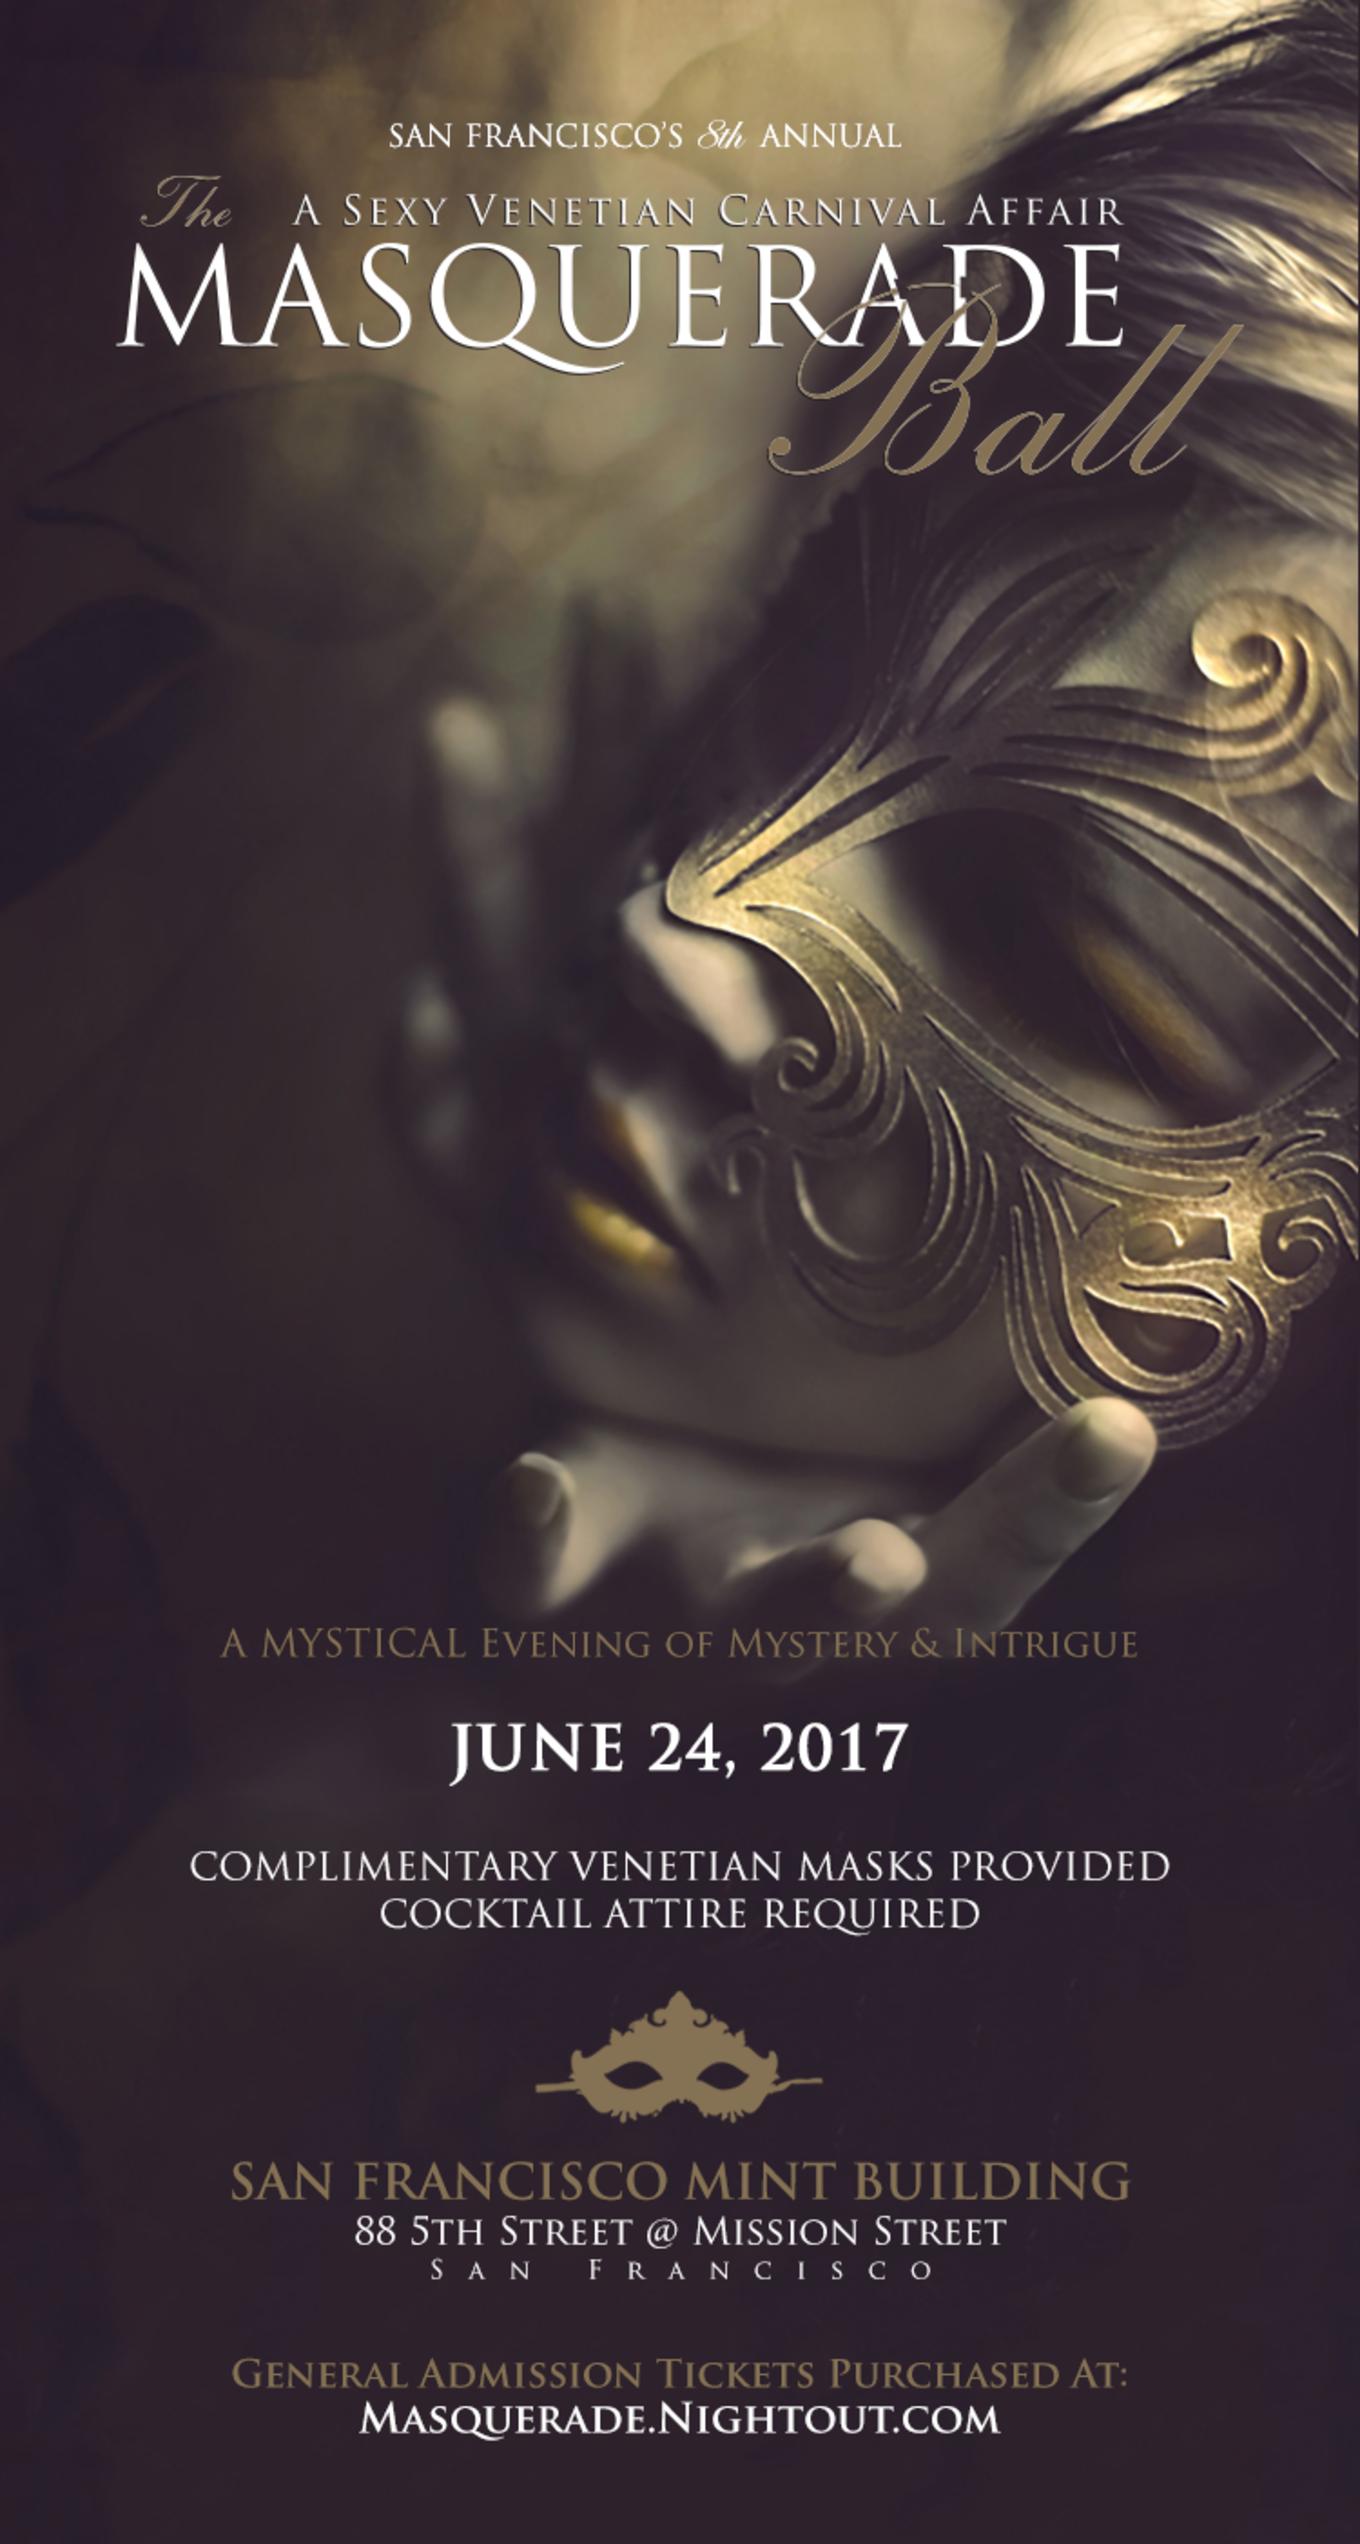 The Masquerade Ball A Sexy Venetian Carnival Affair 8th Annual